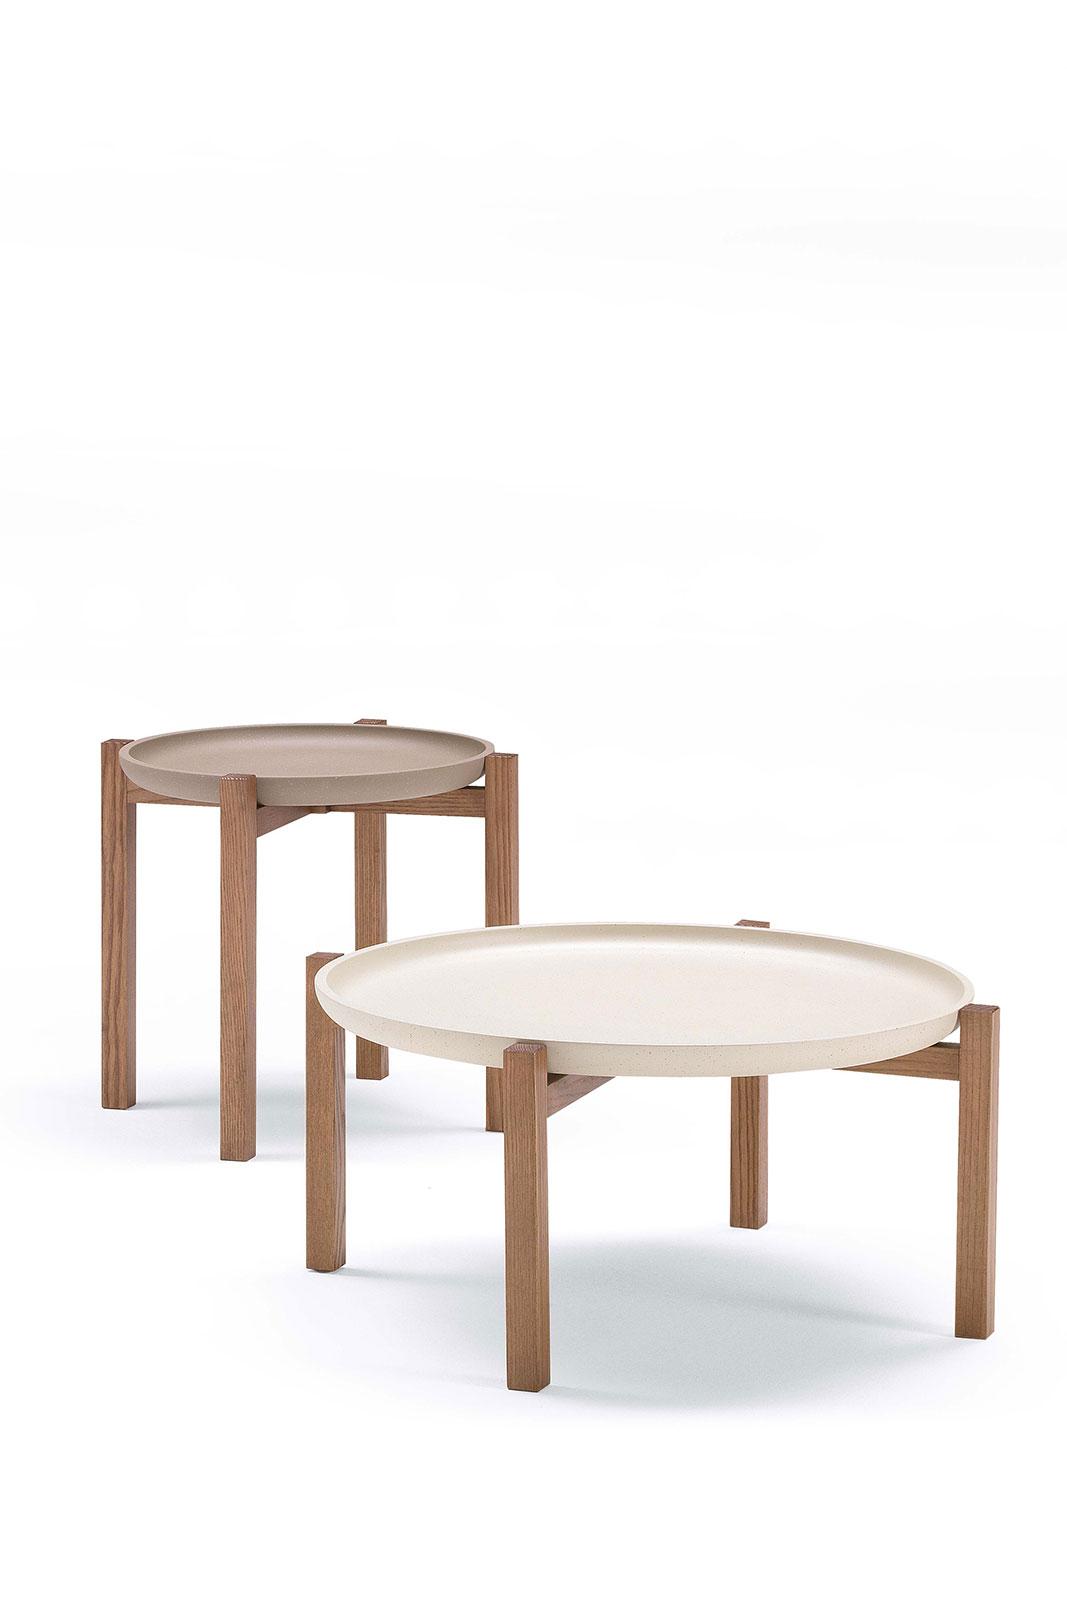 Interamente in legno, con piano rotondo, Pong è un tavolino in massello di frassino elegante e pratico. Il vassoio è asportabile. Consegna a domicilio.